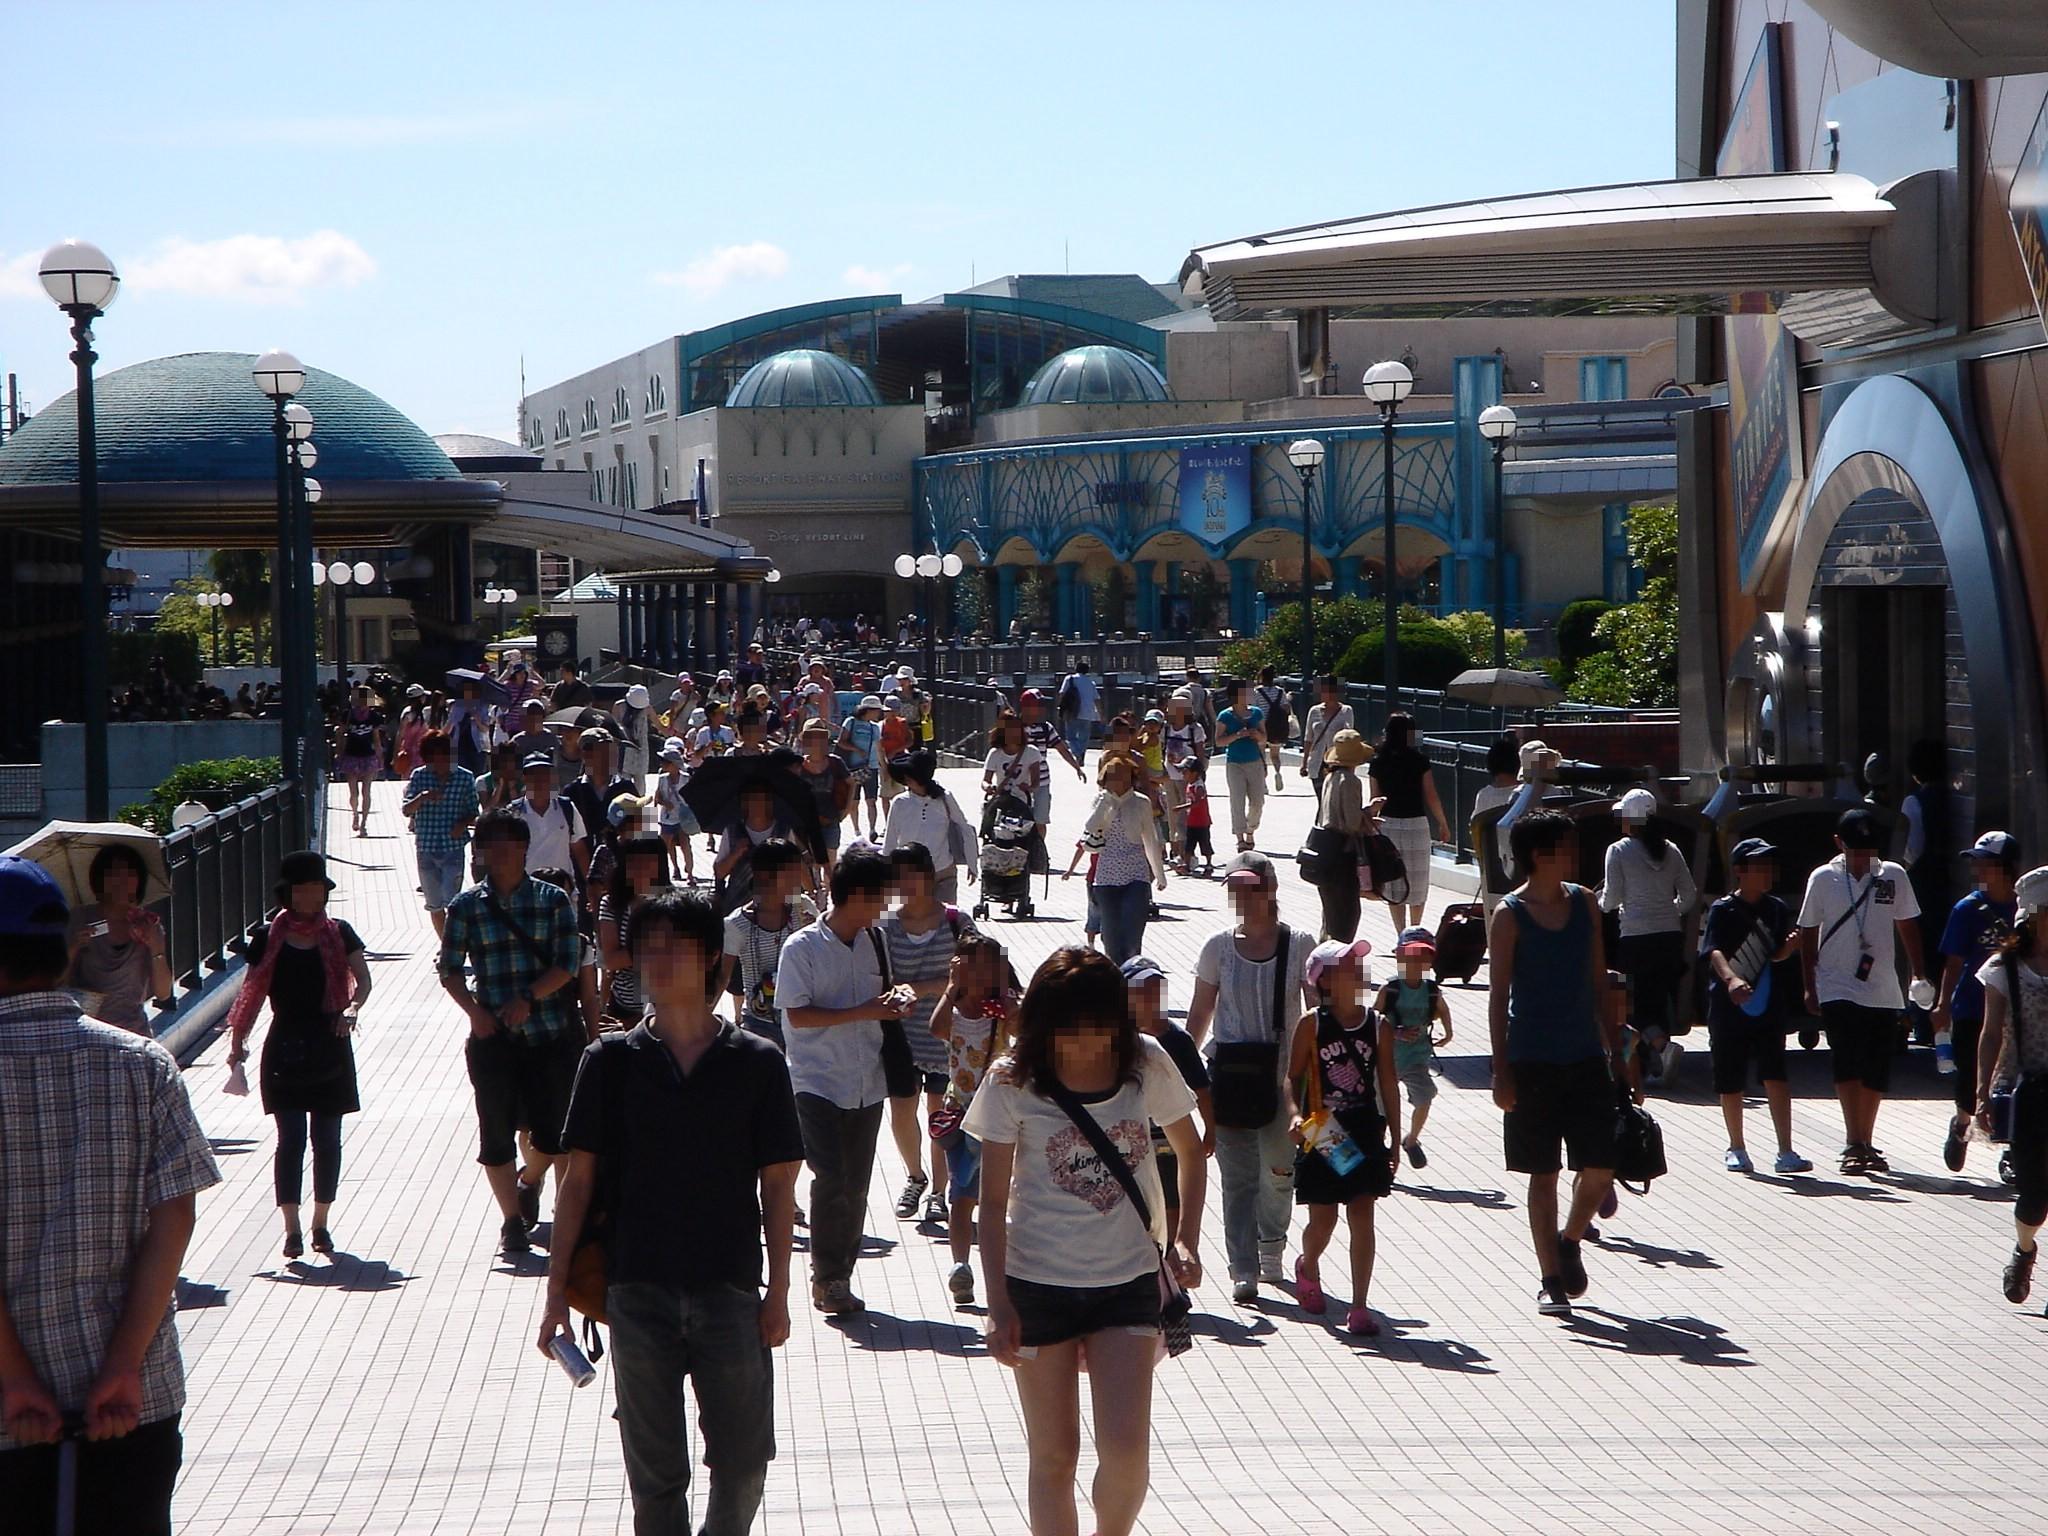 東京ベイ船橋ビビット2010part2 : 夏ダ夏休み2010@東京ディズニー